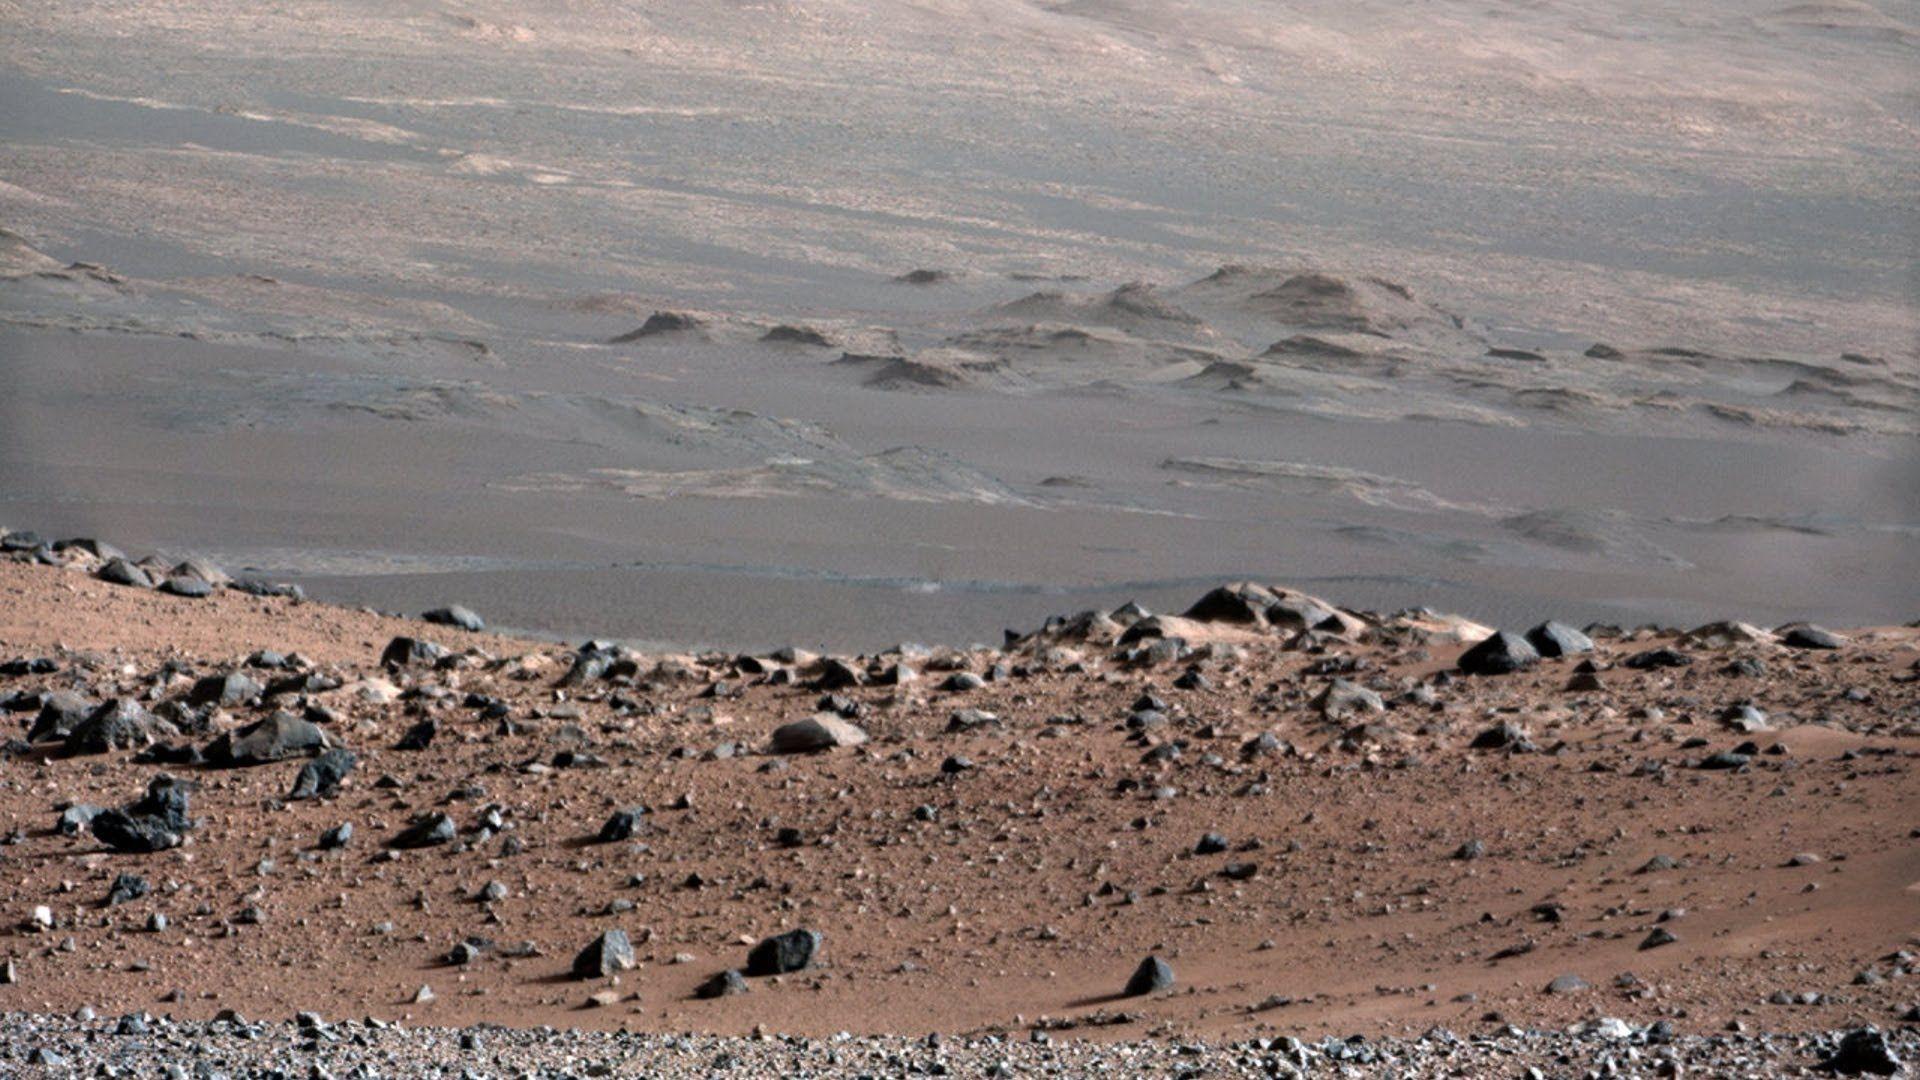 Nasa Mars Rover Curiosity Surface Footage Curiosity Rover Nasa Mars Mars Rover